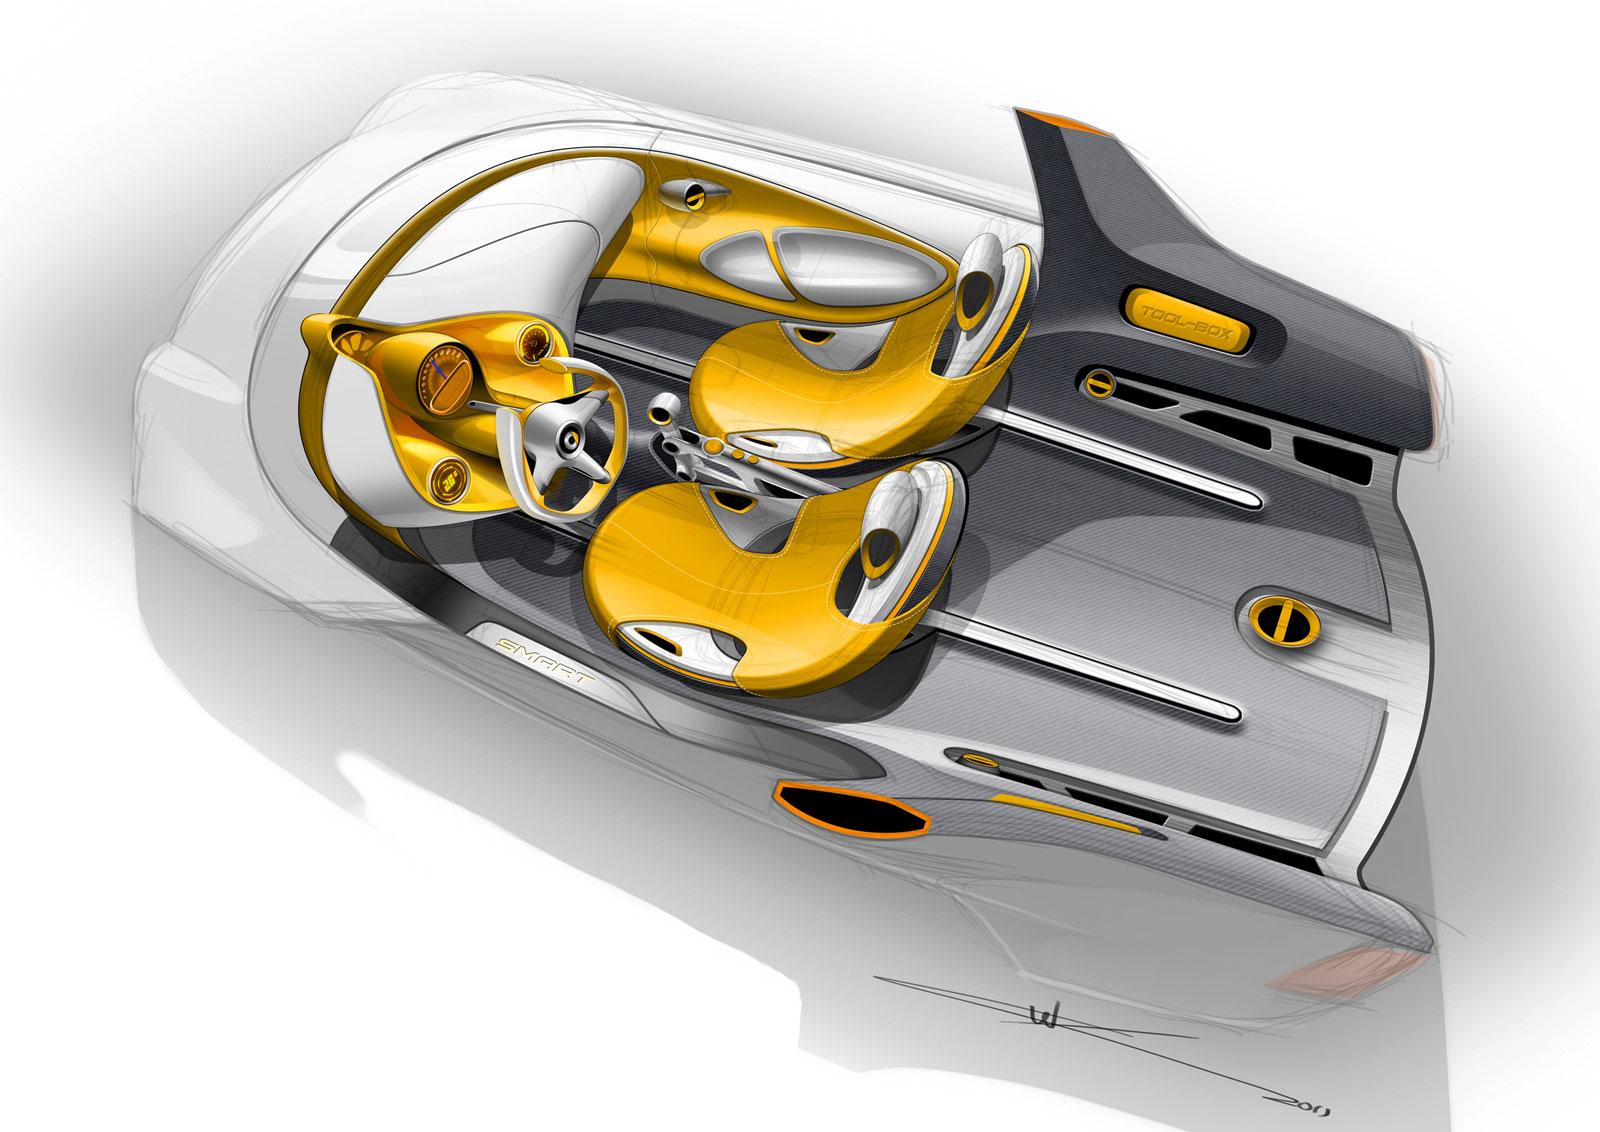 smart for us concept design sketch car body design. Black Bedroom Furniture Sets. Home Design Ideas